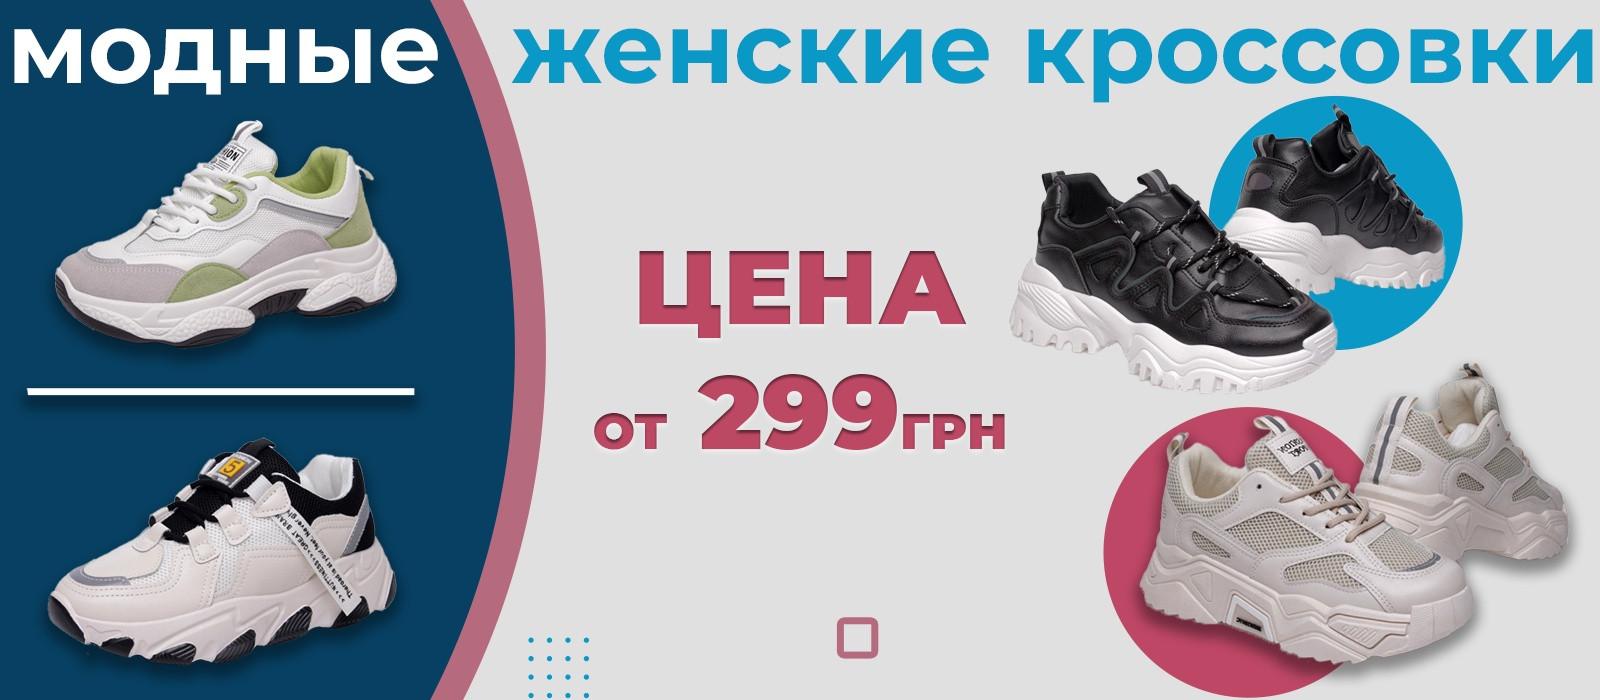 Жіночі кроссівки оптом - Від 299 грн - Осінь-2021